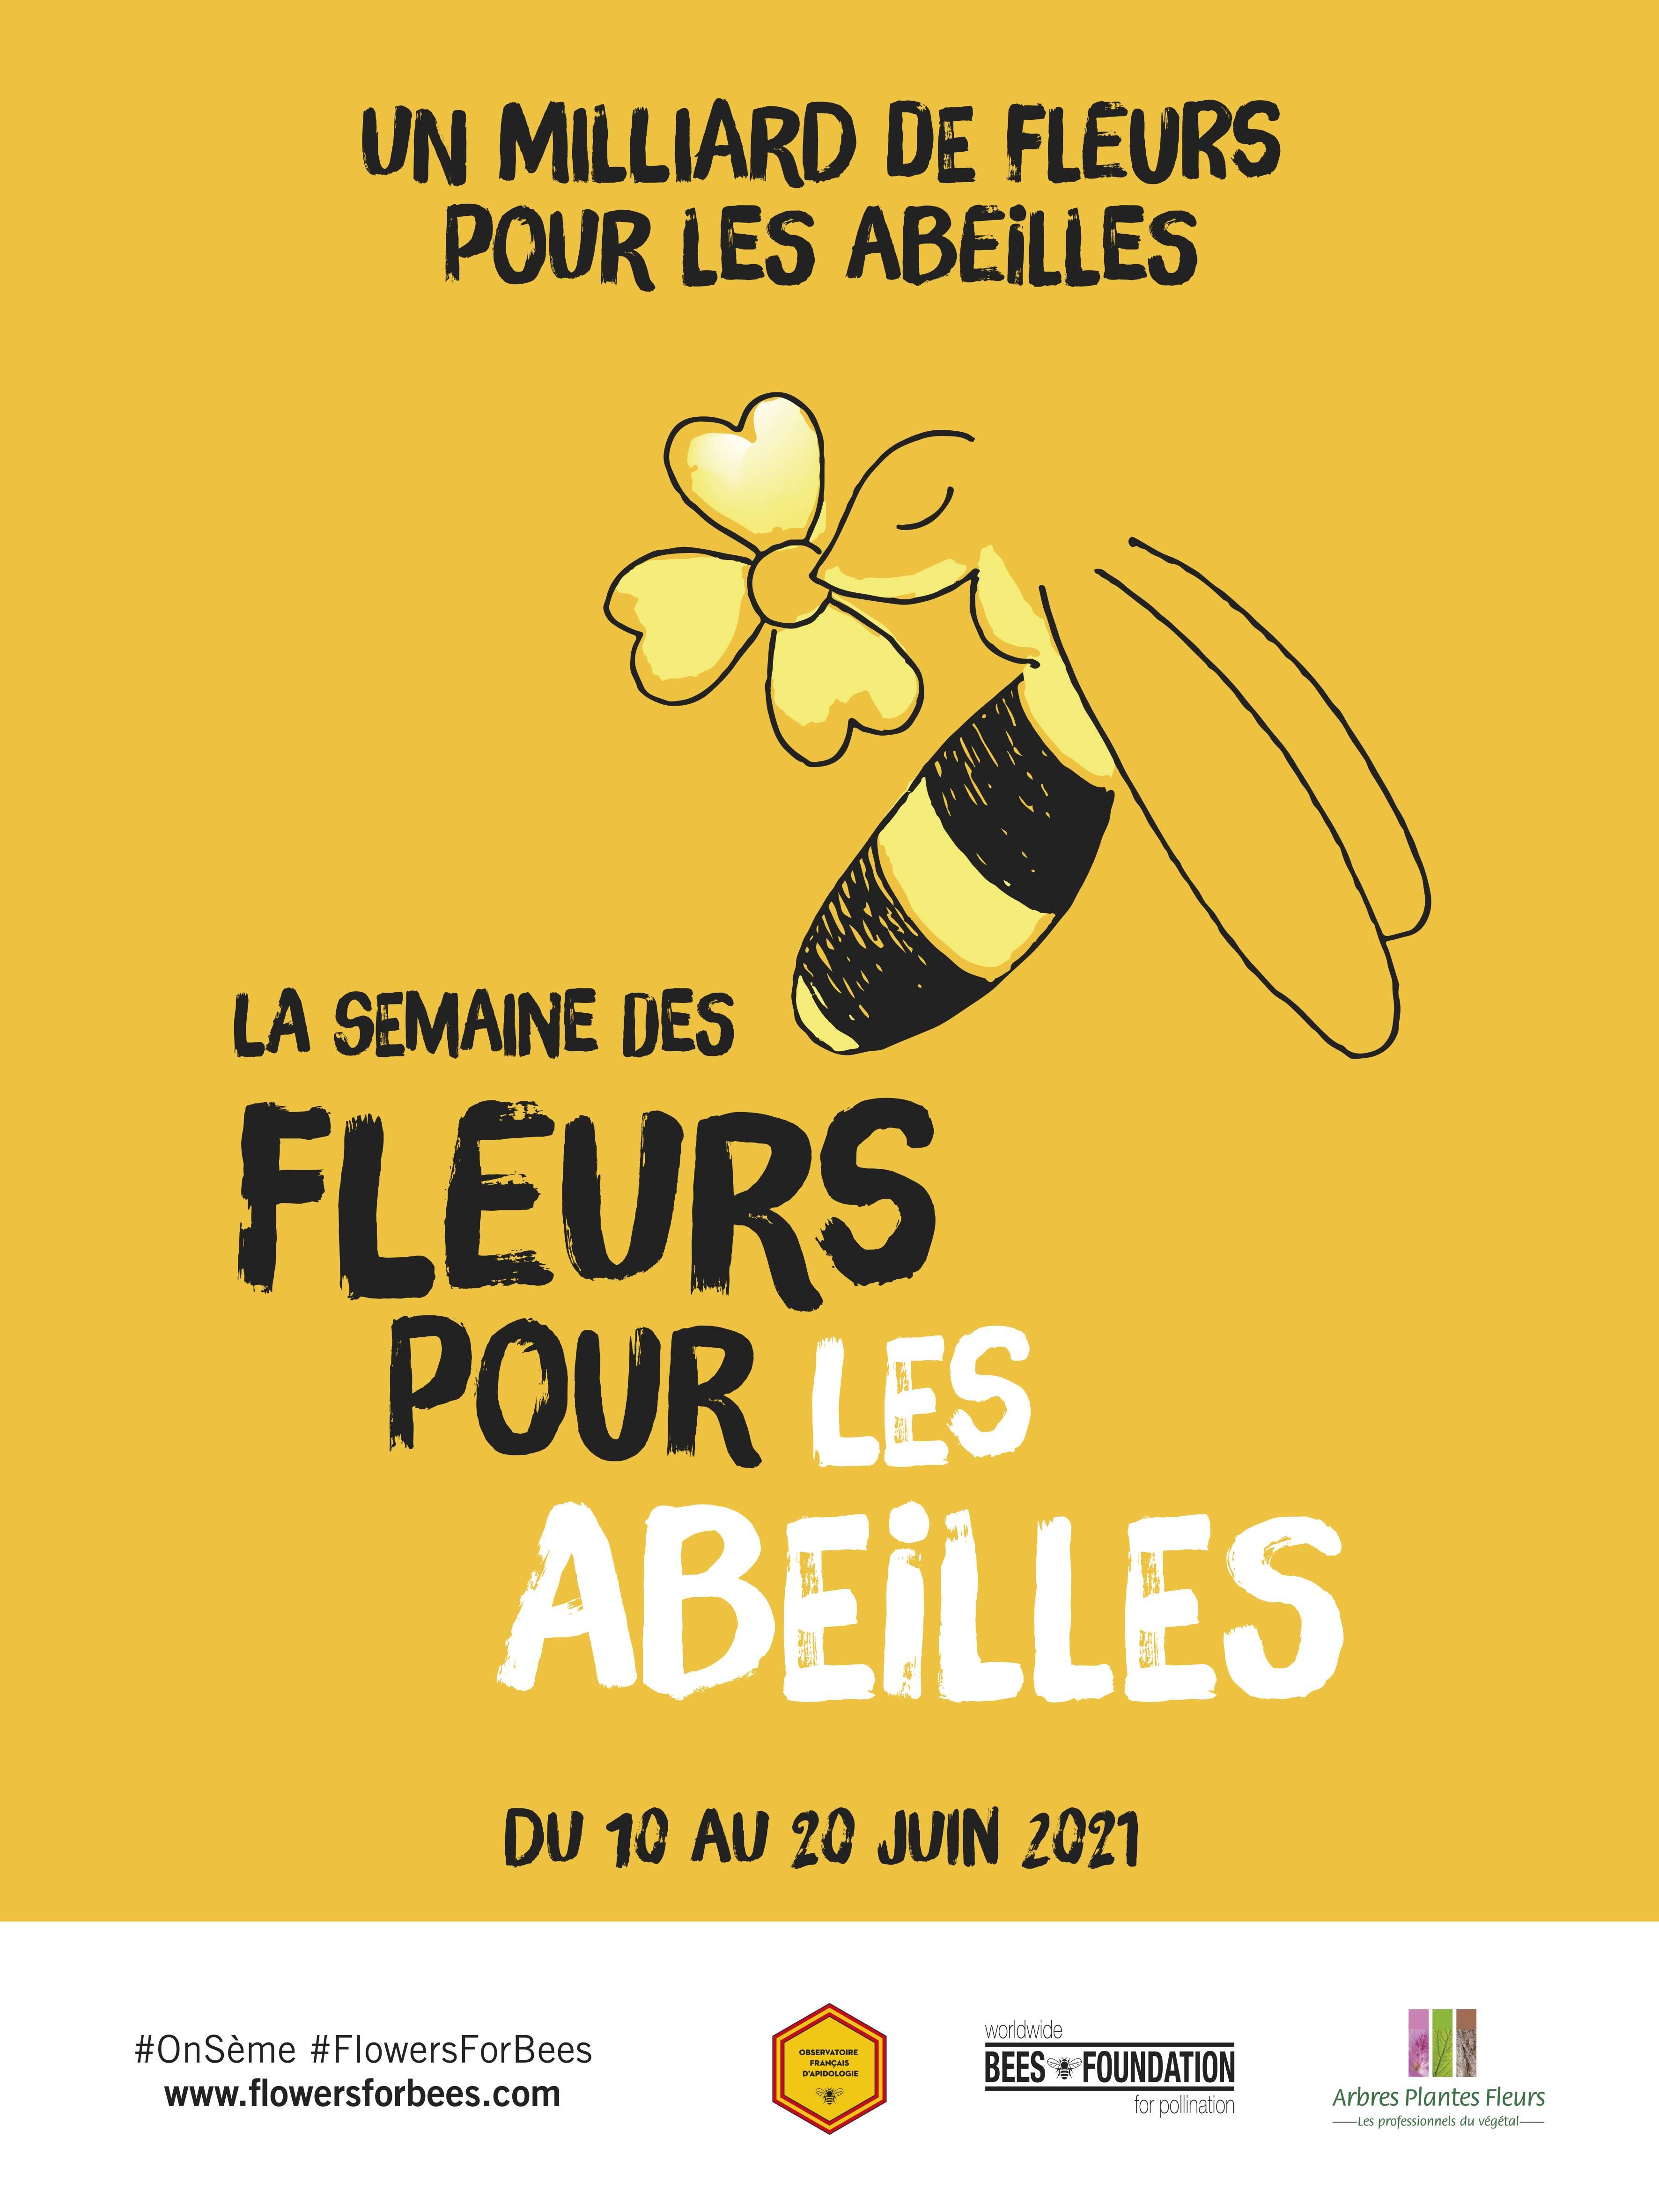 fleurs pour les abeilles